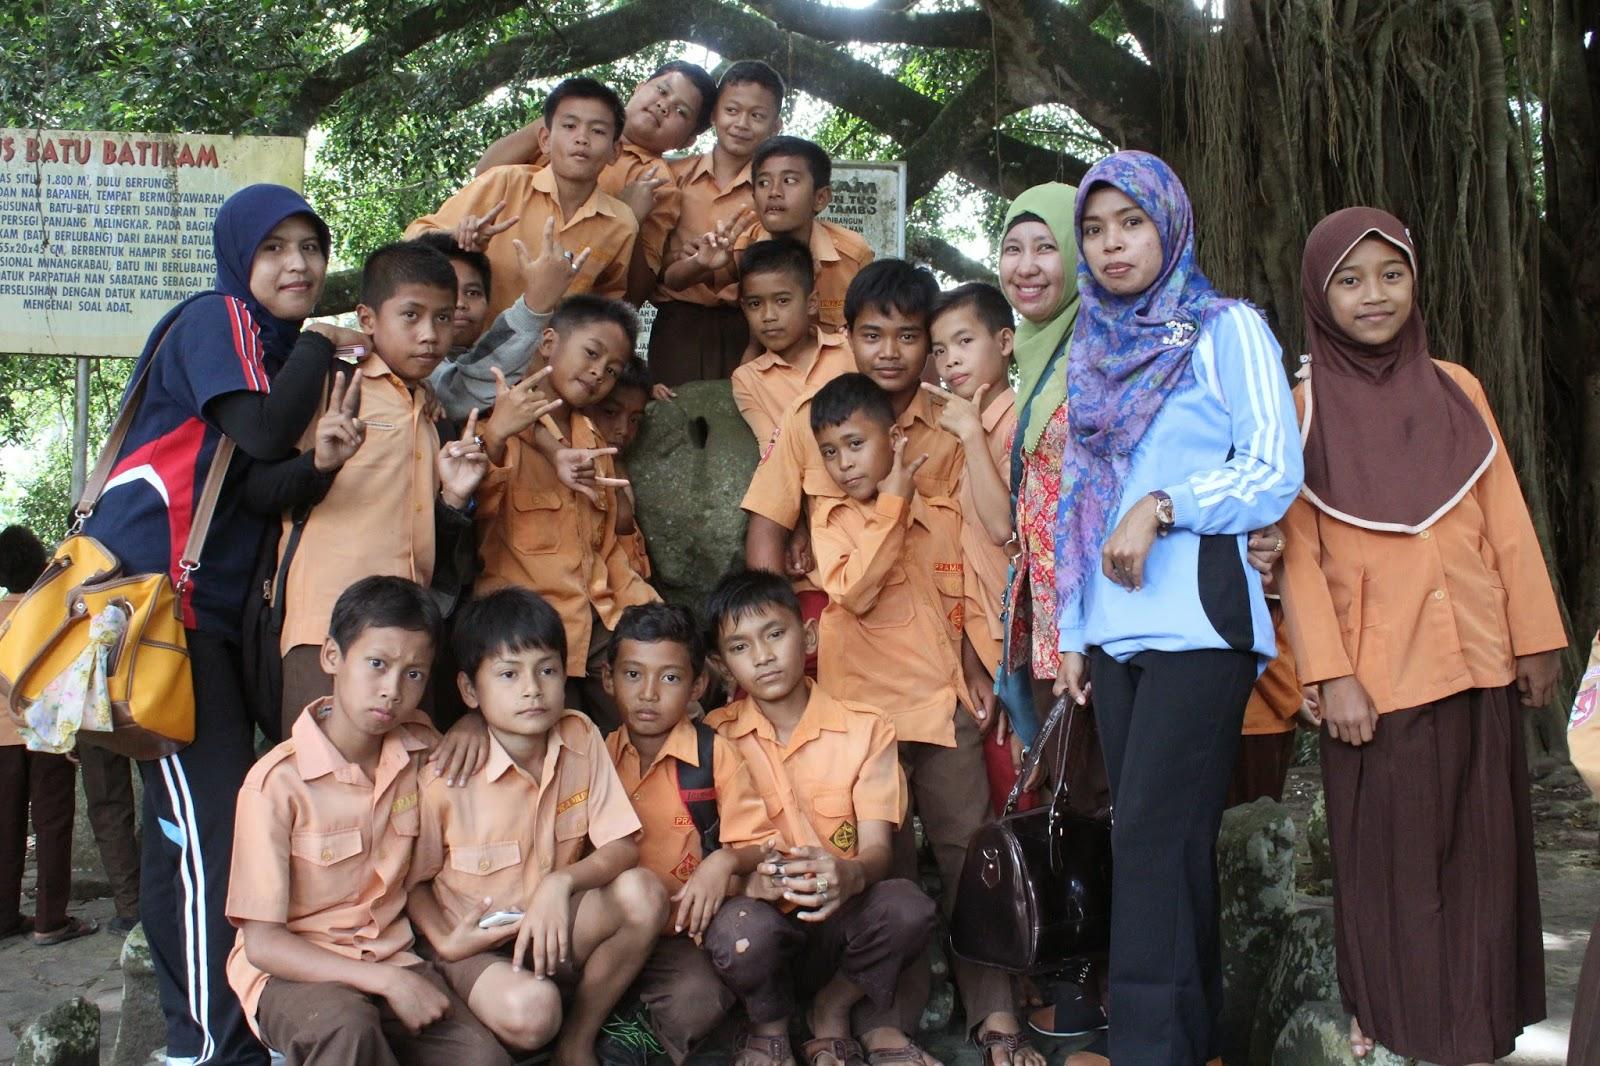 Jelajah Indonesia Sumatera Barat Batu Batikam Dan Istana Pagar Ruyung Pellokila Penjelajah